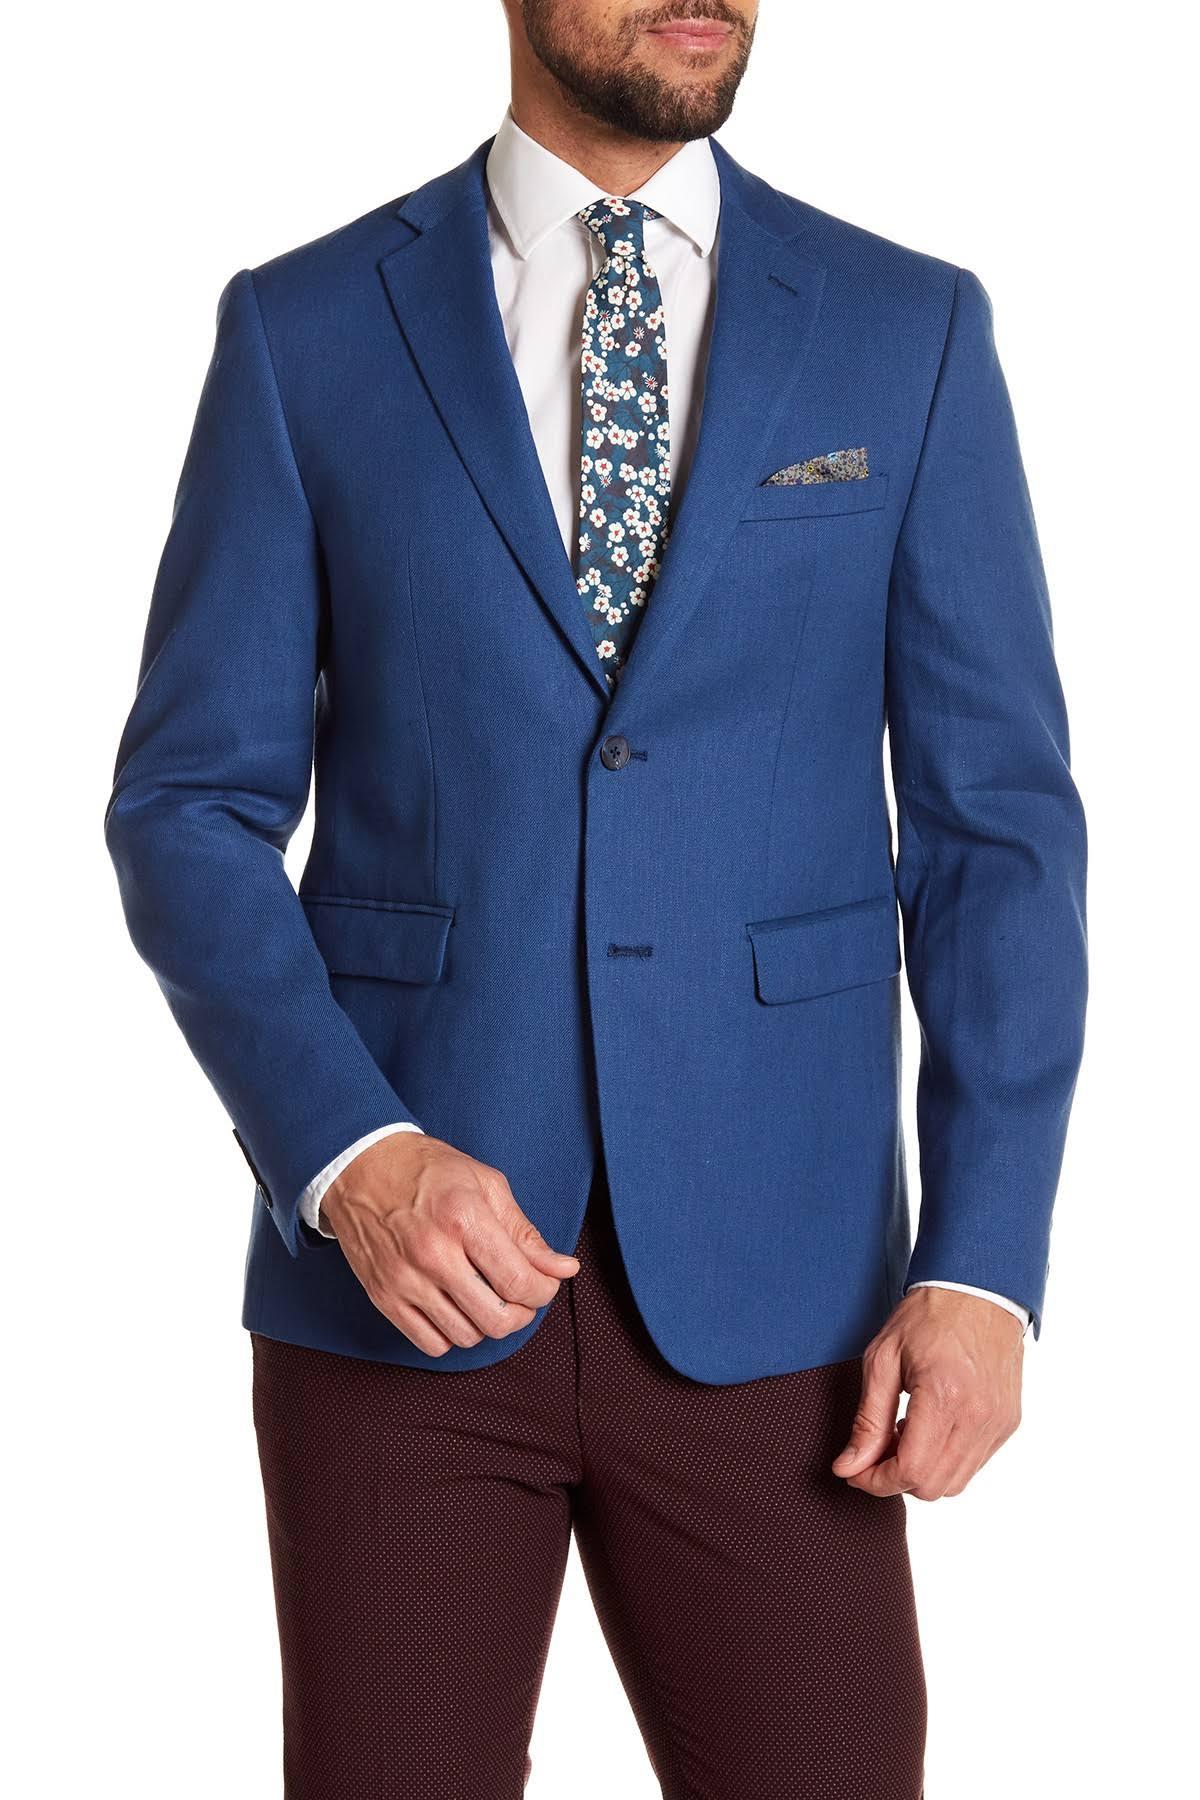 Original Azul Sólido Penguin Para Hombre Slim De Blazer Fit PqAf4vwc7